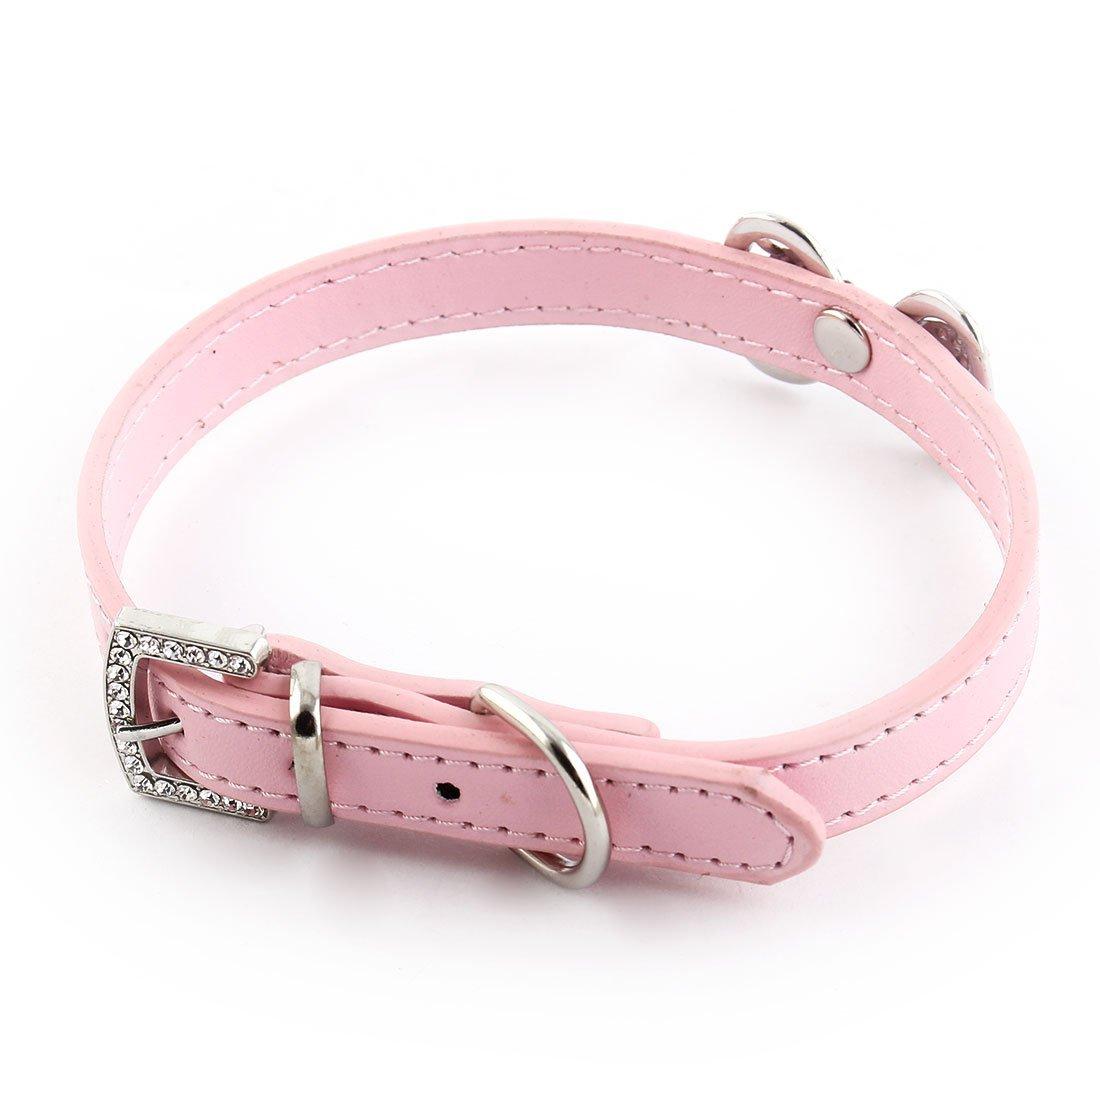 Amazon.com : eDealMax Forma decoración Bowknot imitación de Diamantes de imitación Con incrustaciones Ajustable Collar del gato del perro casero : Pet ...